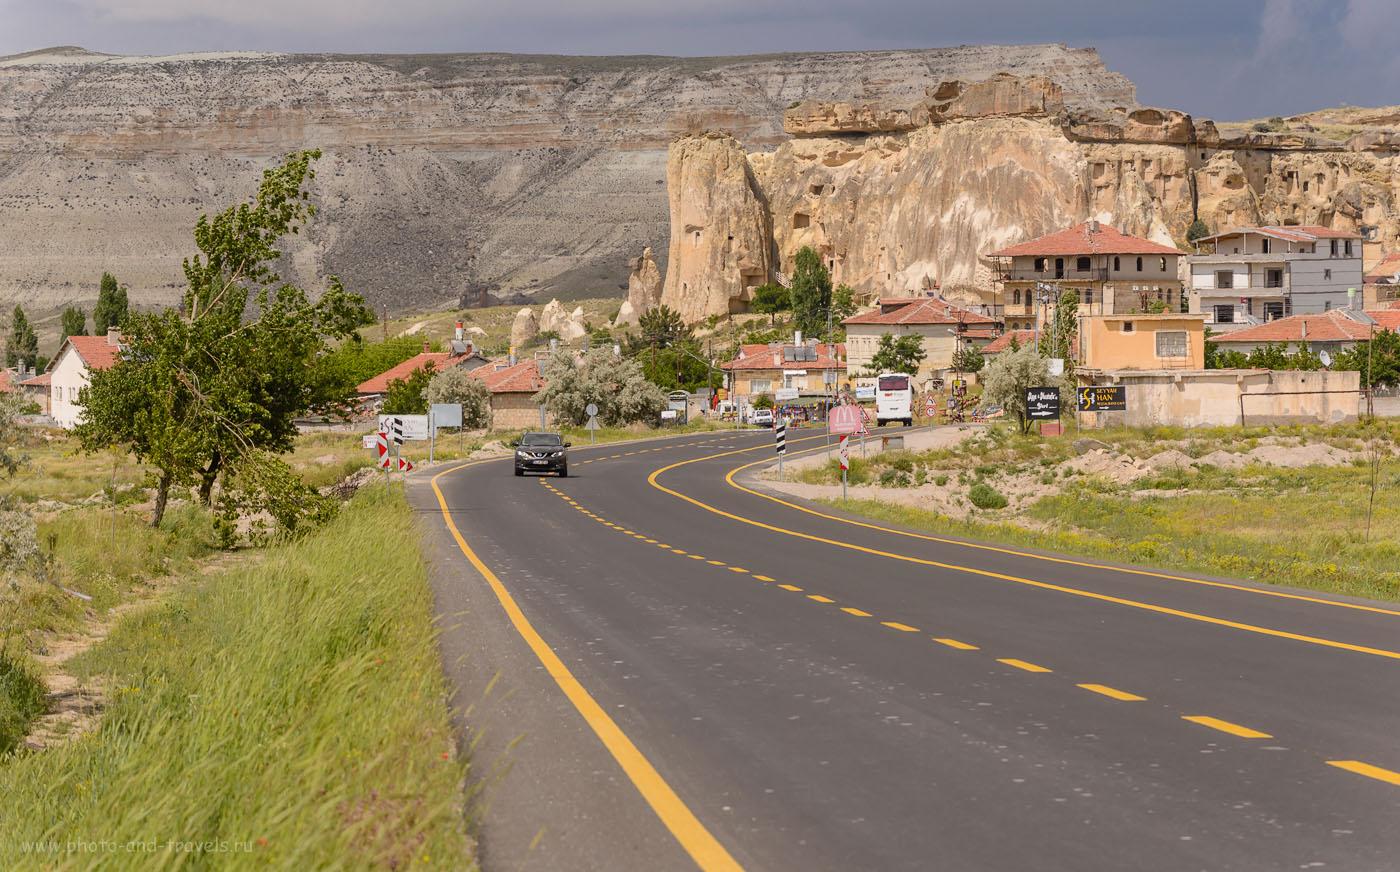 Фотография 5. Так выглядит бесплатная дорога в небольшом селении в Турции. 1/400, -0.33, 8.0, 100, 155.